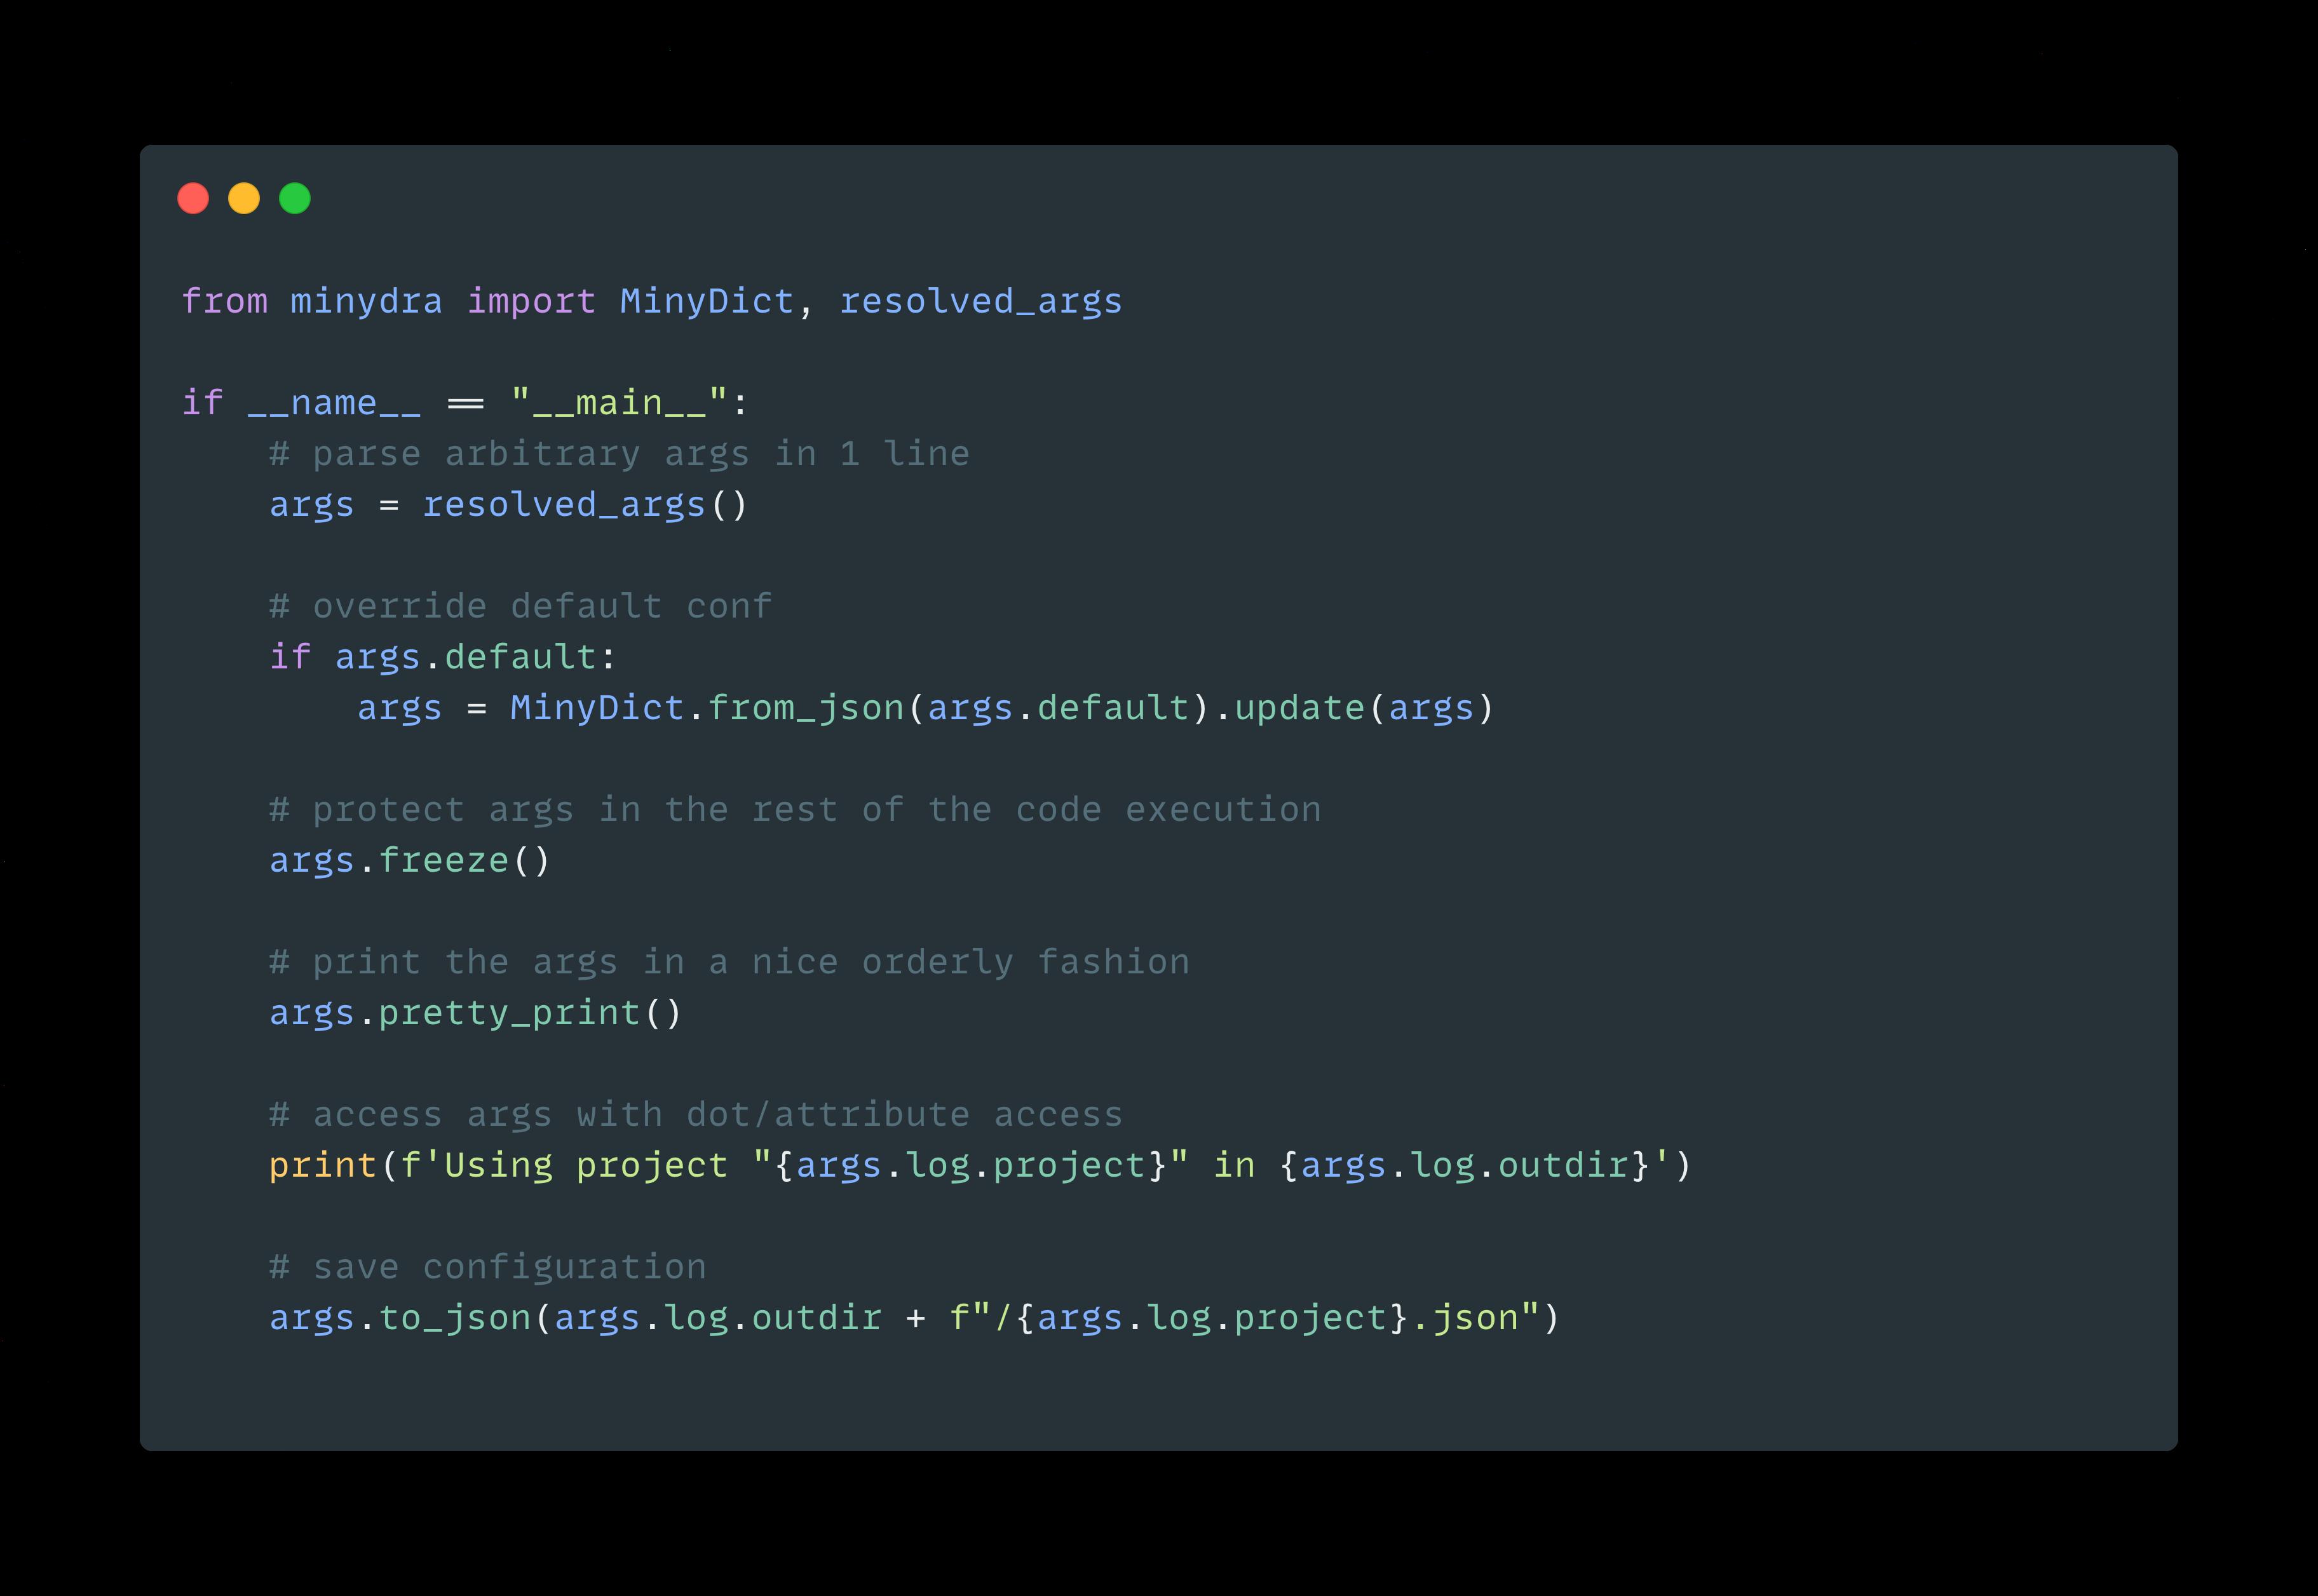 minydra code example